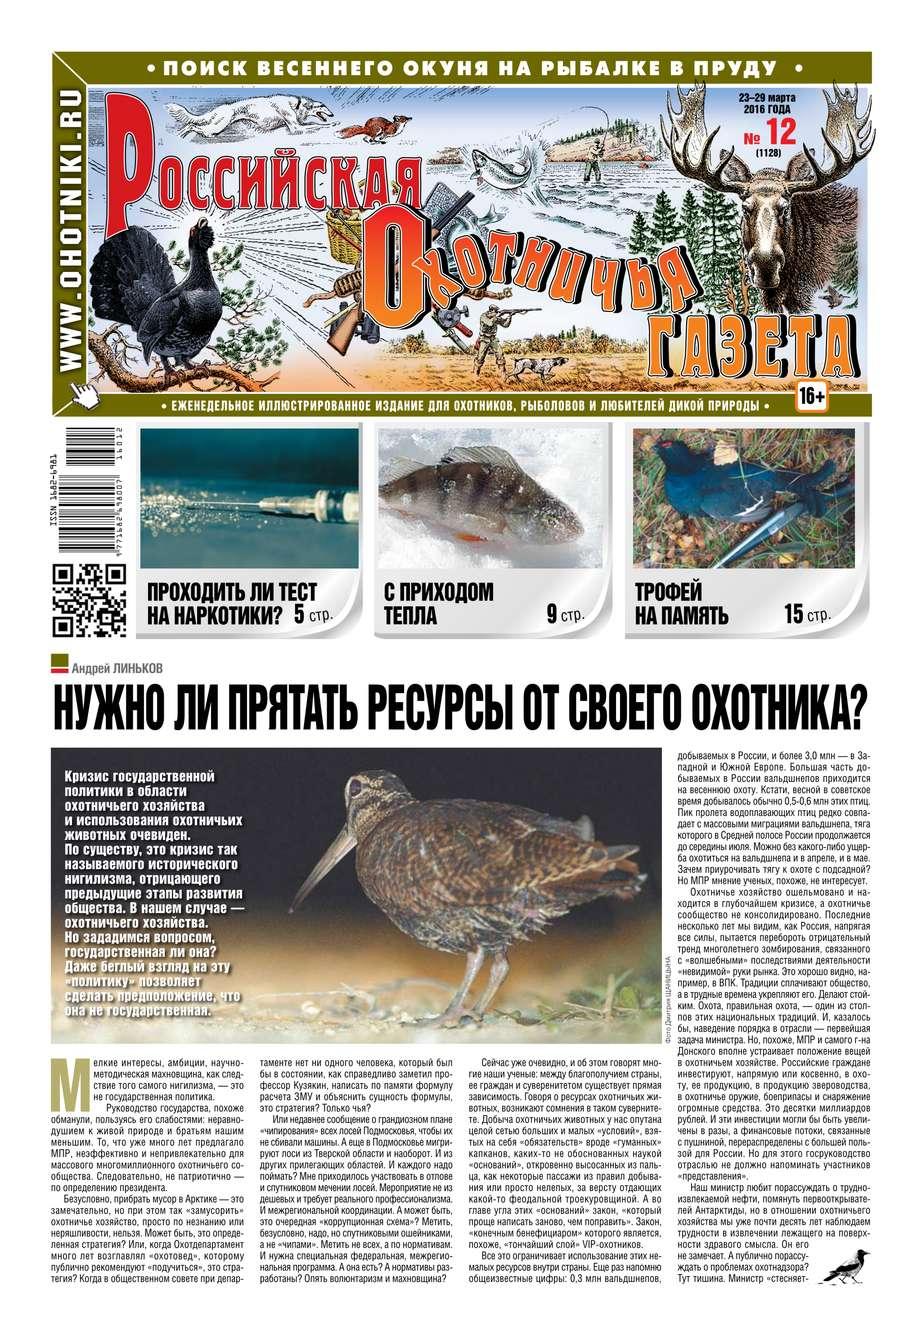 Редакция газеты Российская Охотничья Газета Российская Охотничья Газета 12-2016